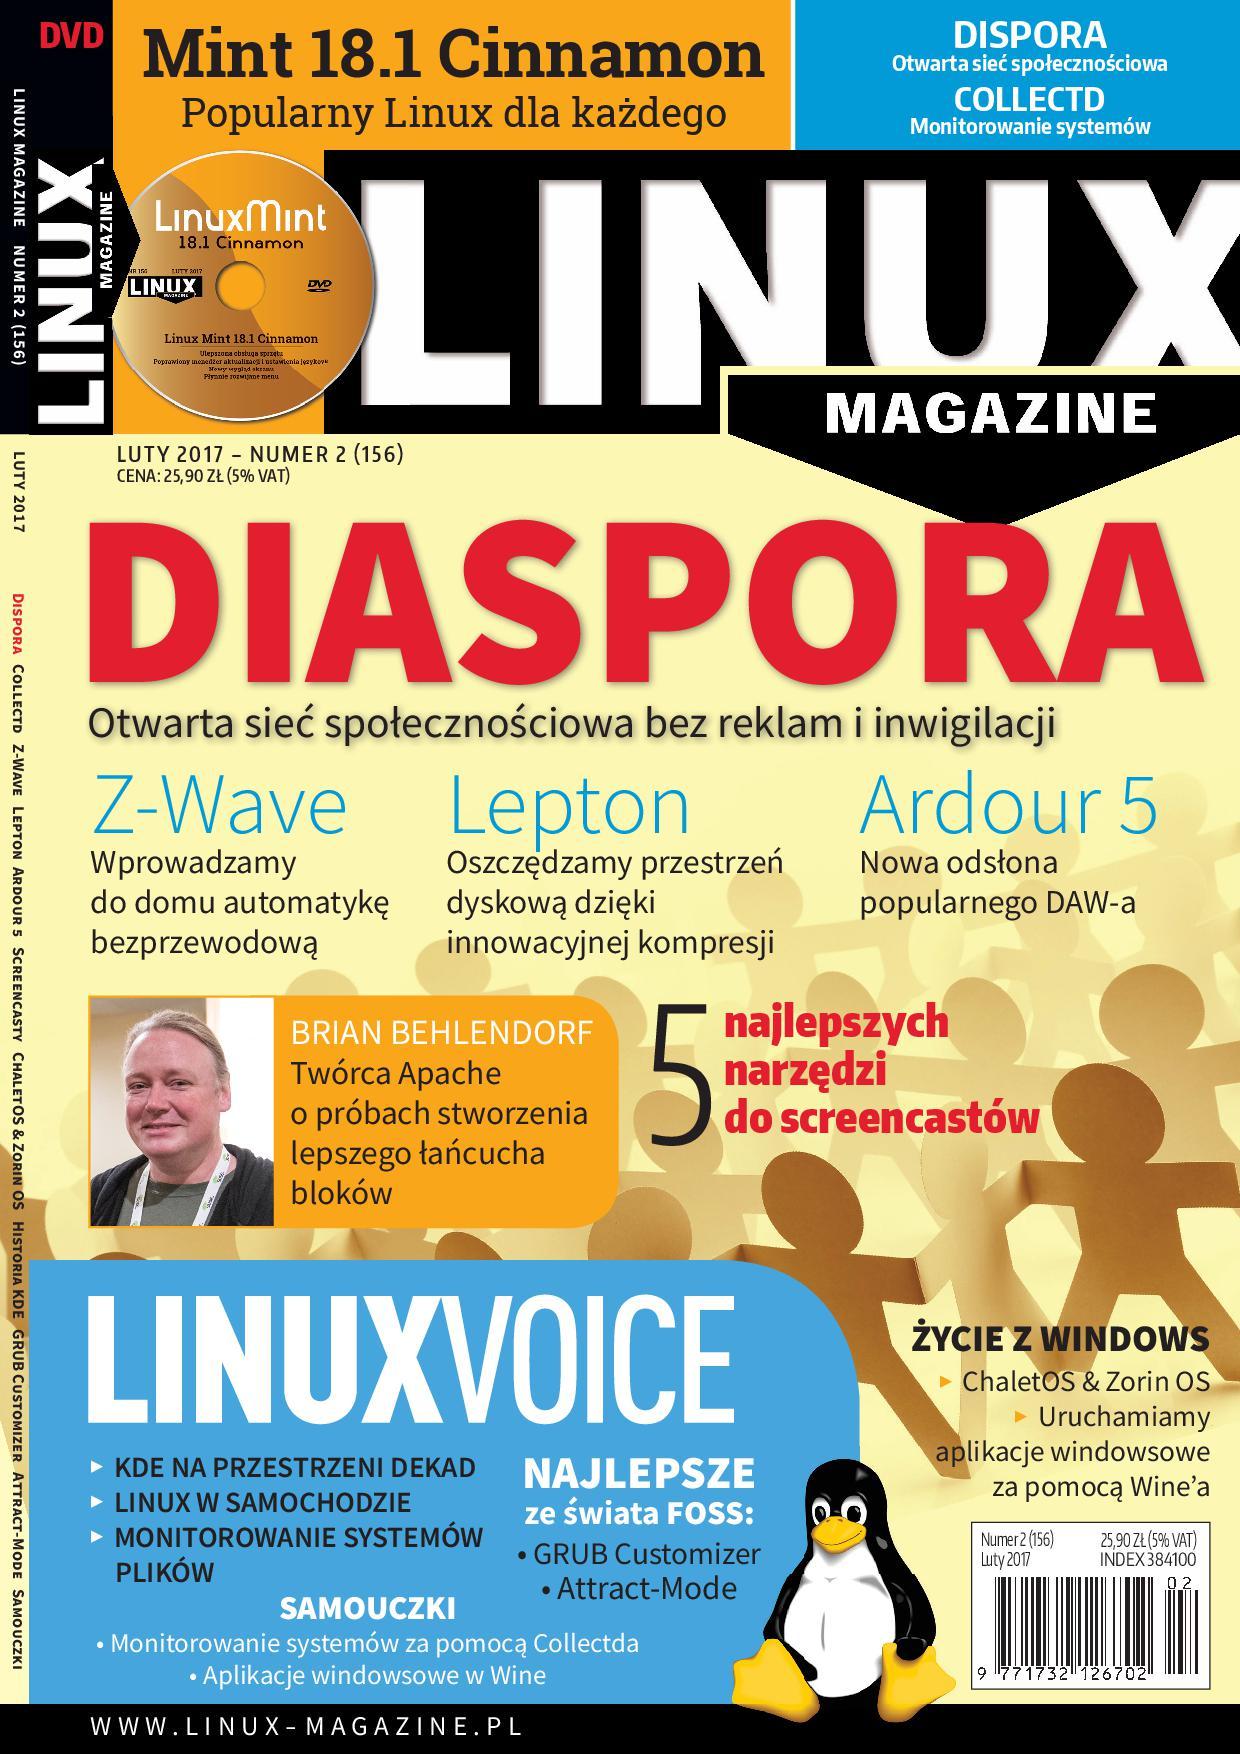 Linux Magazine - numer 156